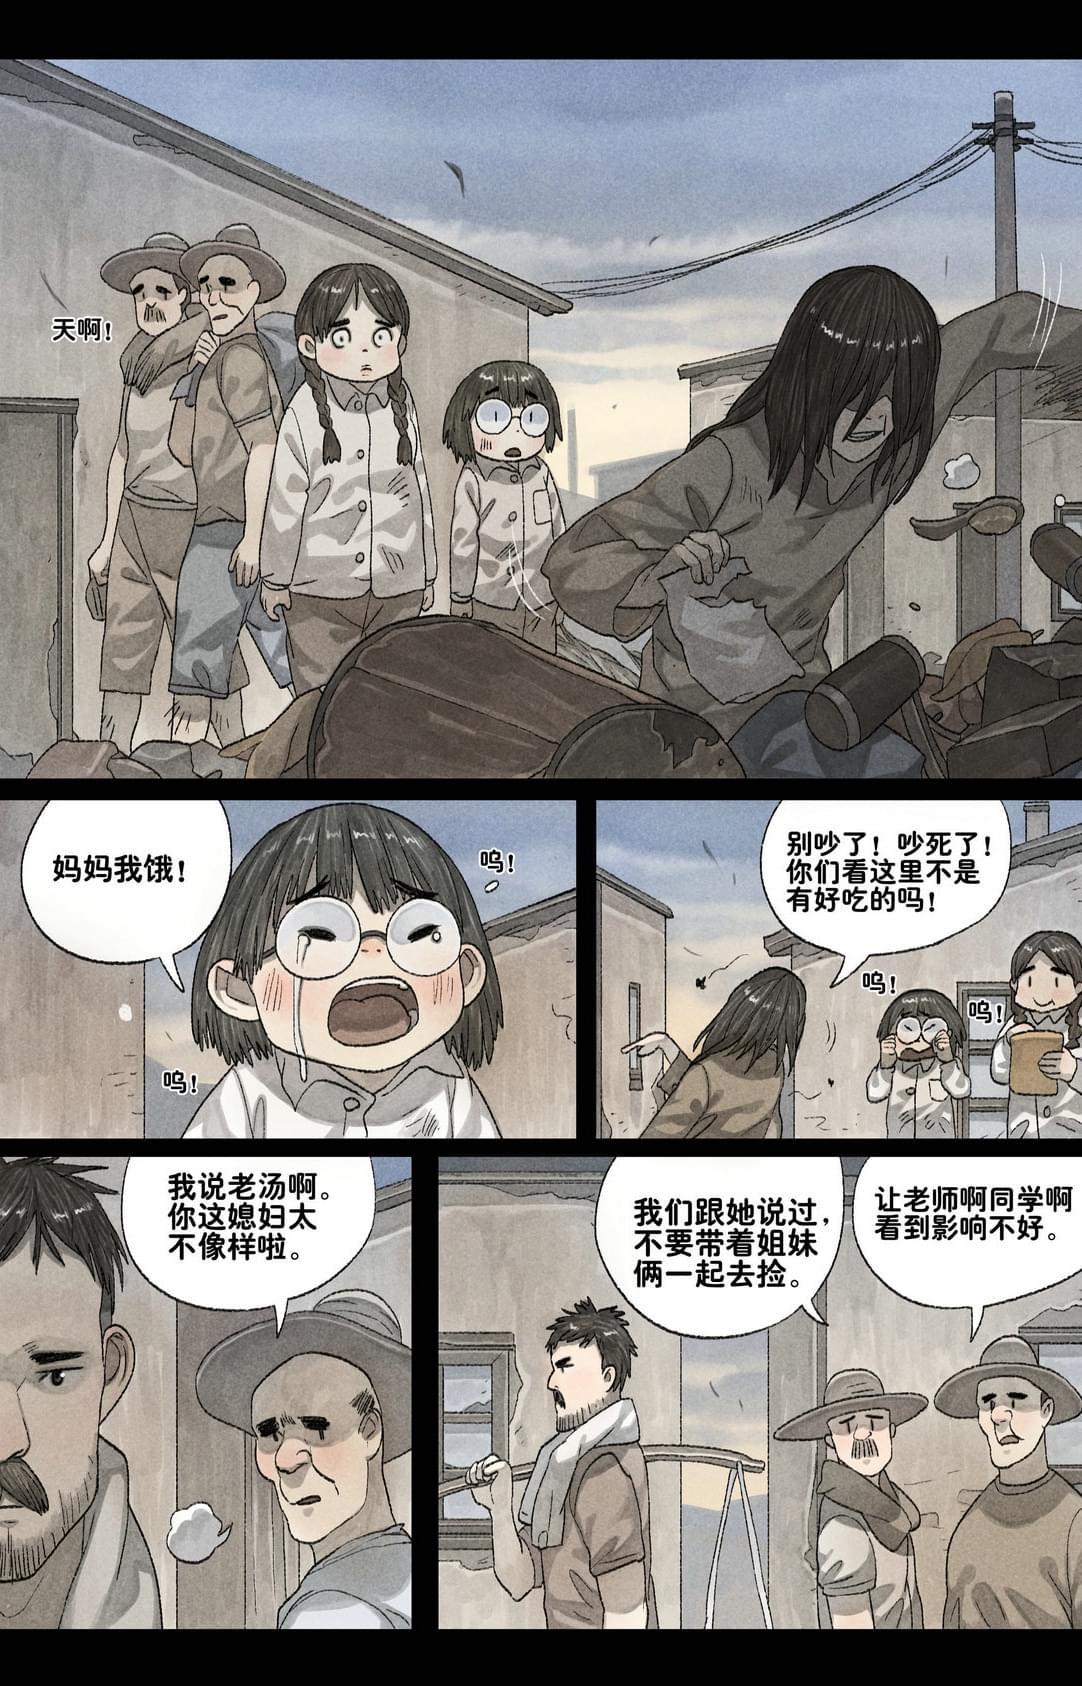 人间放映室丨毒可乐杀人事件 Vol.2